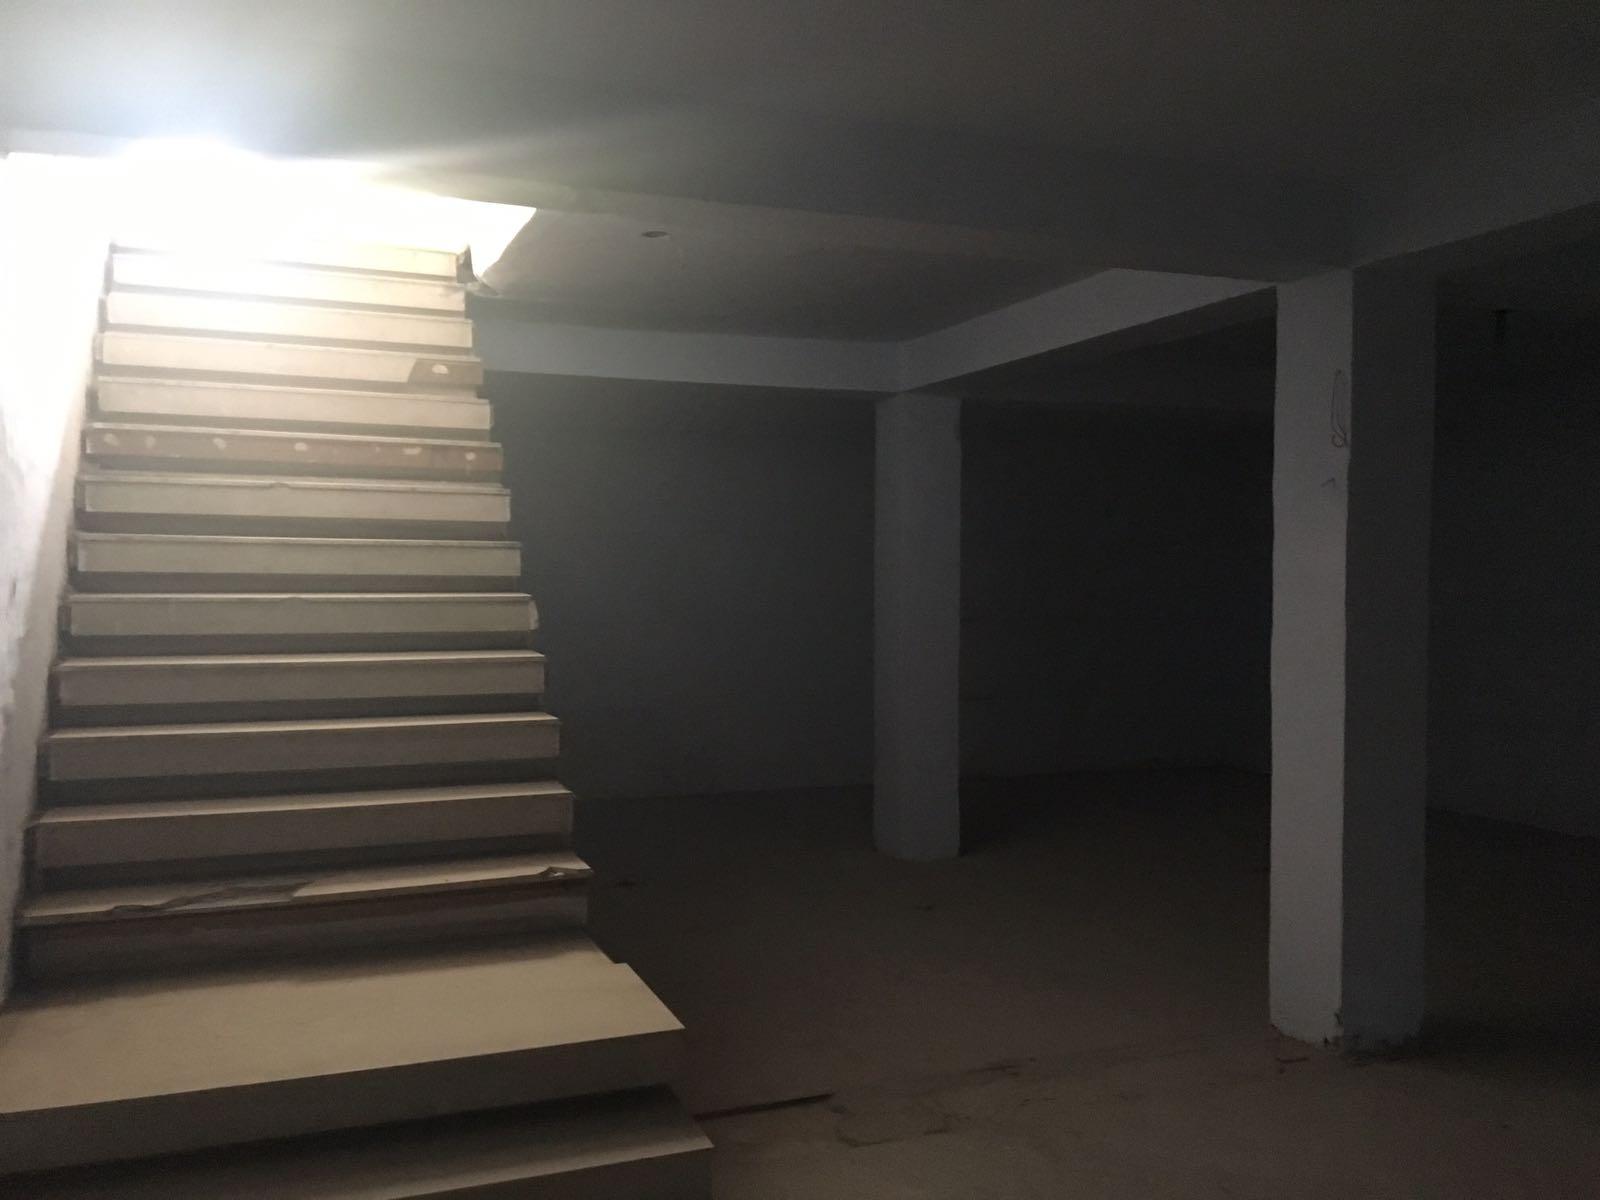 basement for Showroom for rent @ BASANT LOK COMMUNITY CENTRE, VASANT VIHAR, NEW DELHI CALL+919958959555